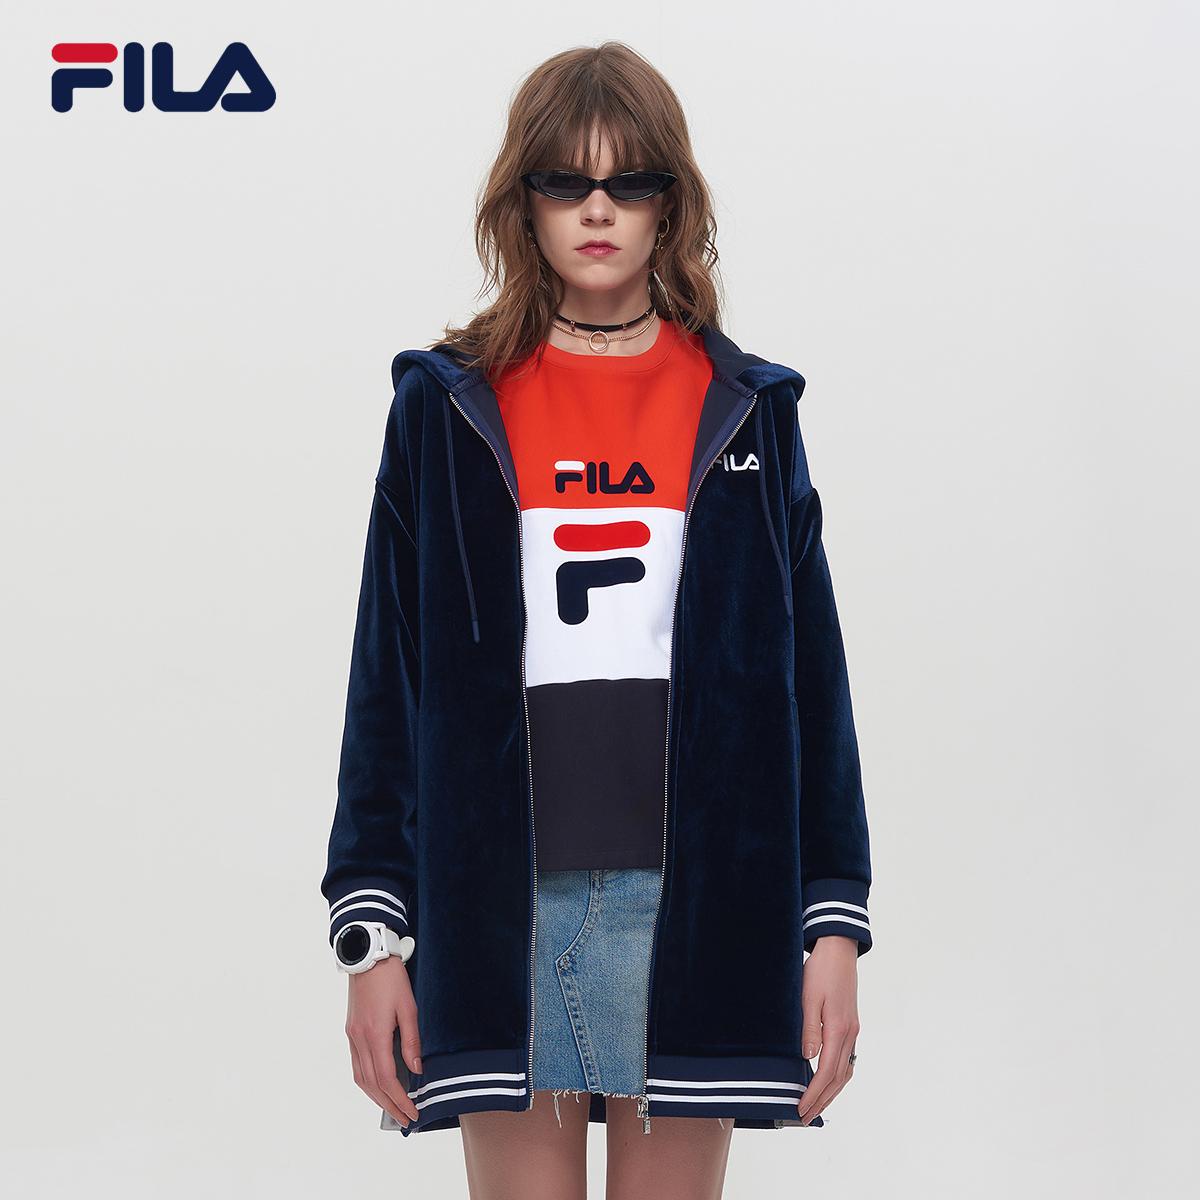 FILA斐乐女外套2018秋季新品街头潮范中长款天鹅绒连帽LOGO外套女